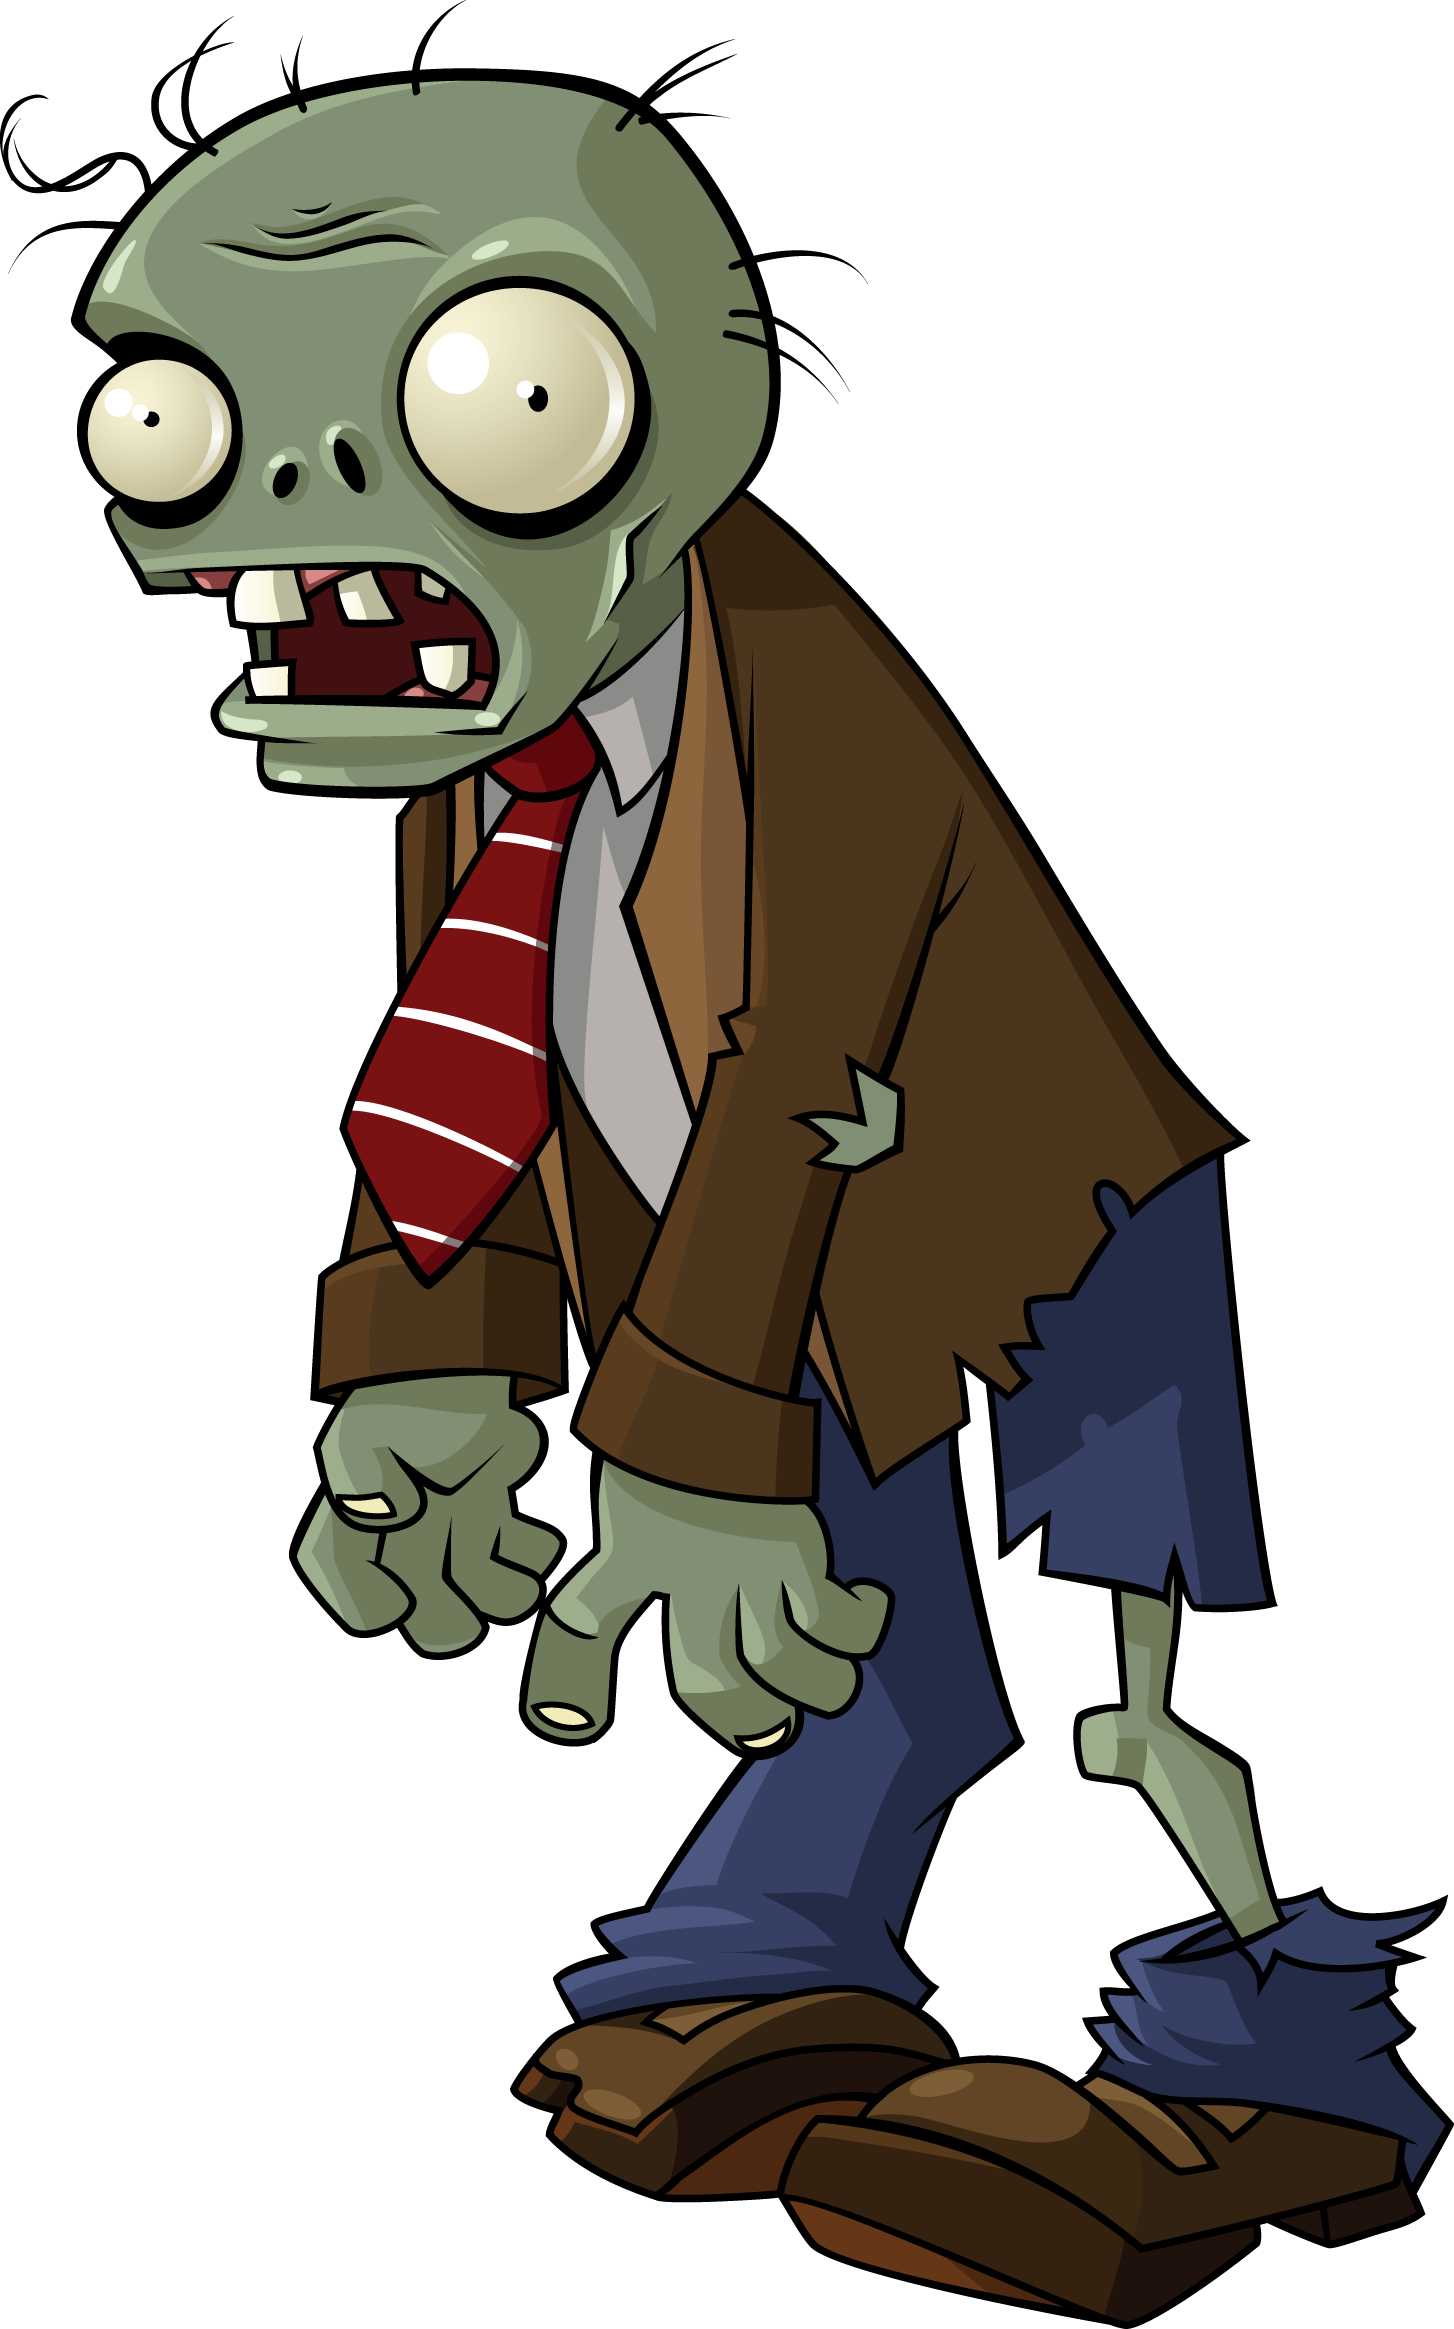 Zombie (Plants Vs. Zombies)   CHIBIS   Pinterest   Plants vs zombies ...